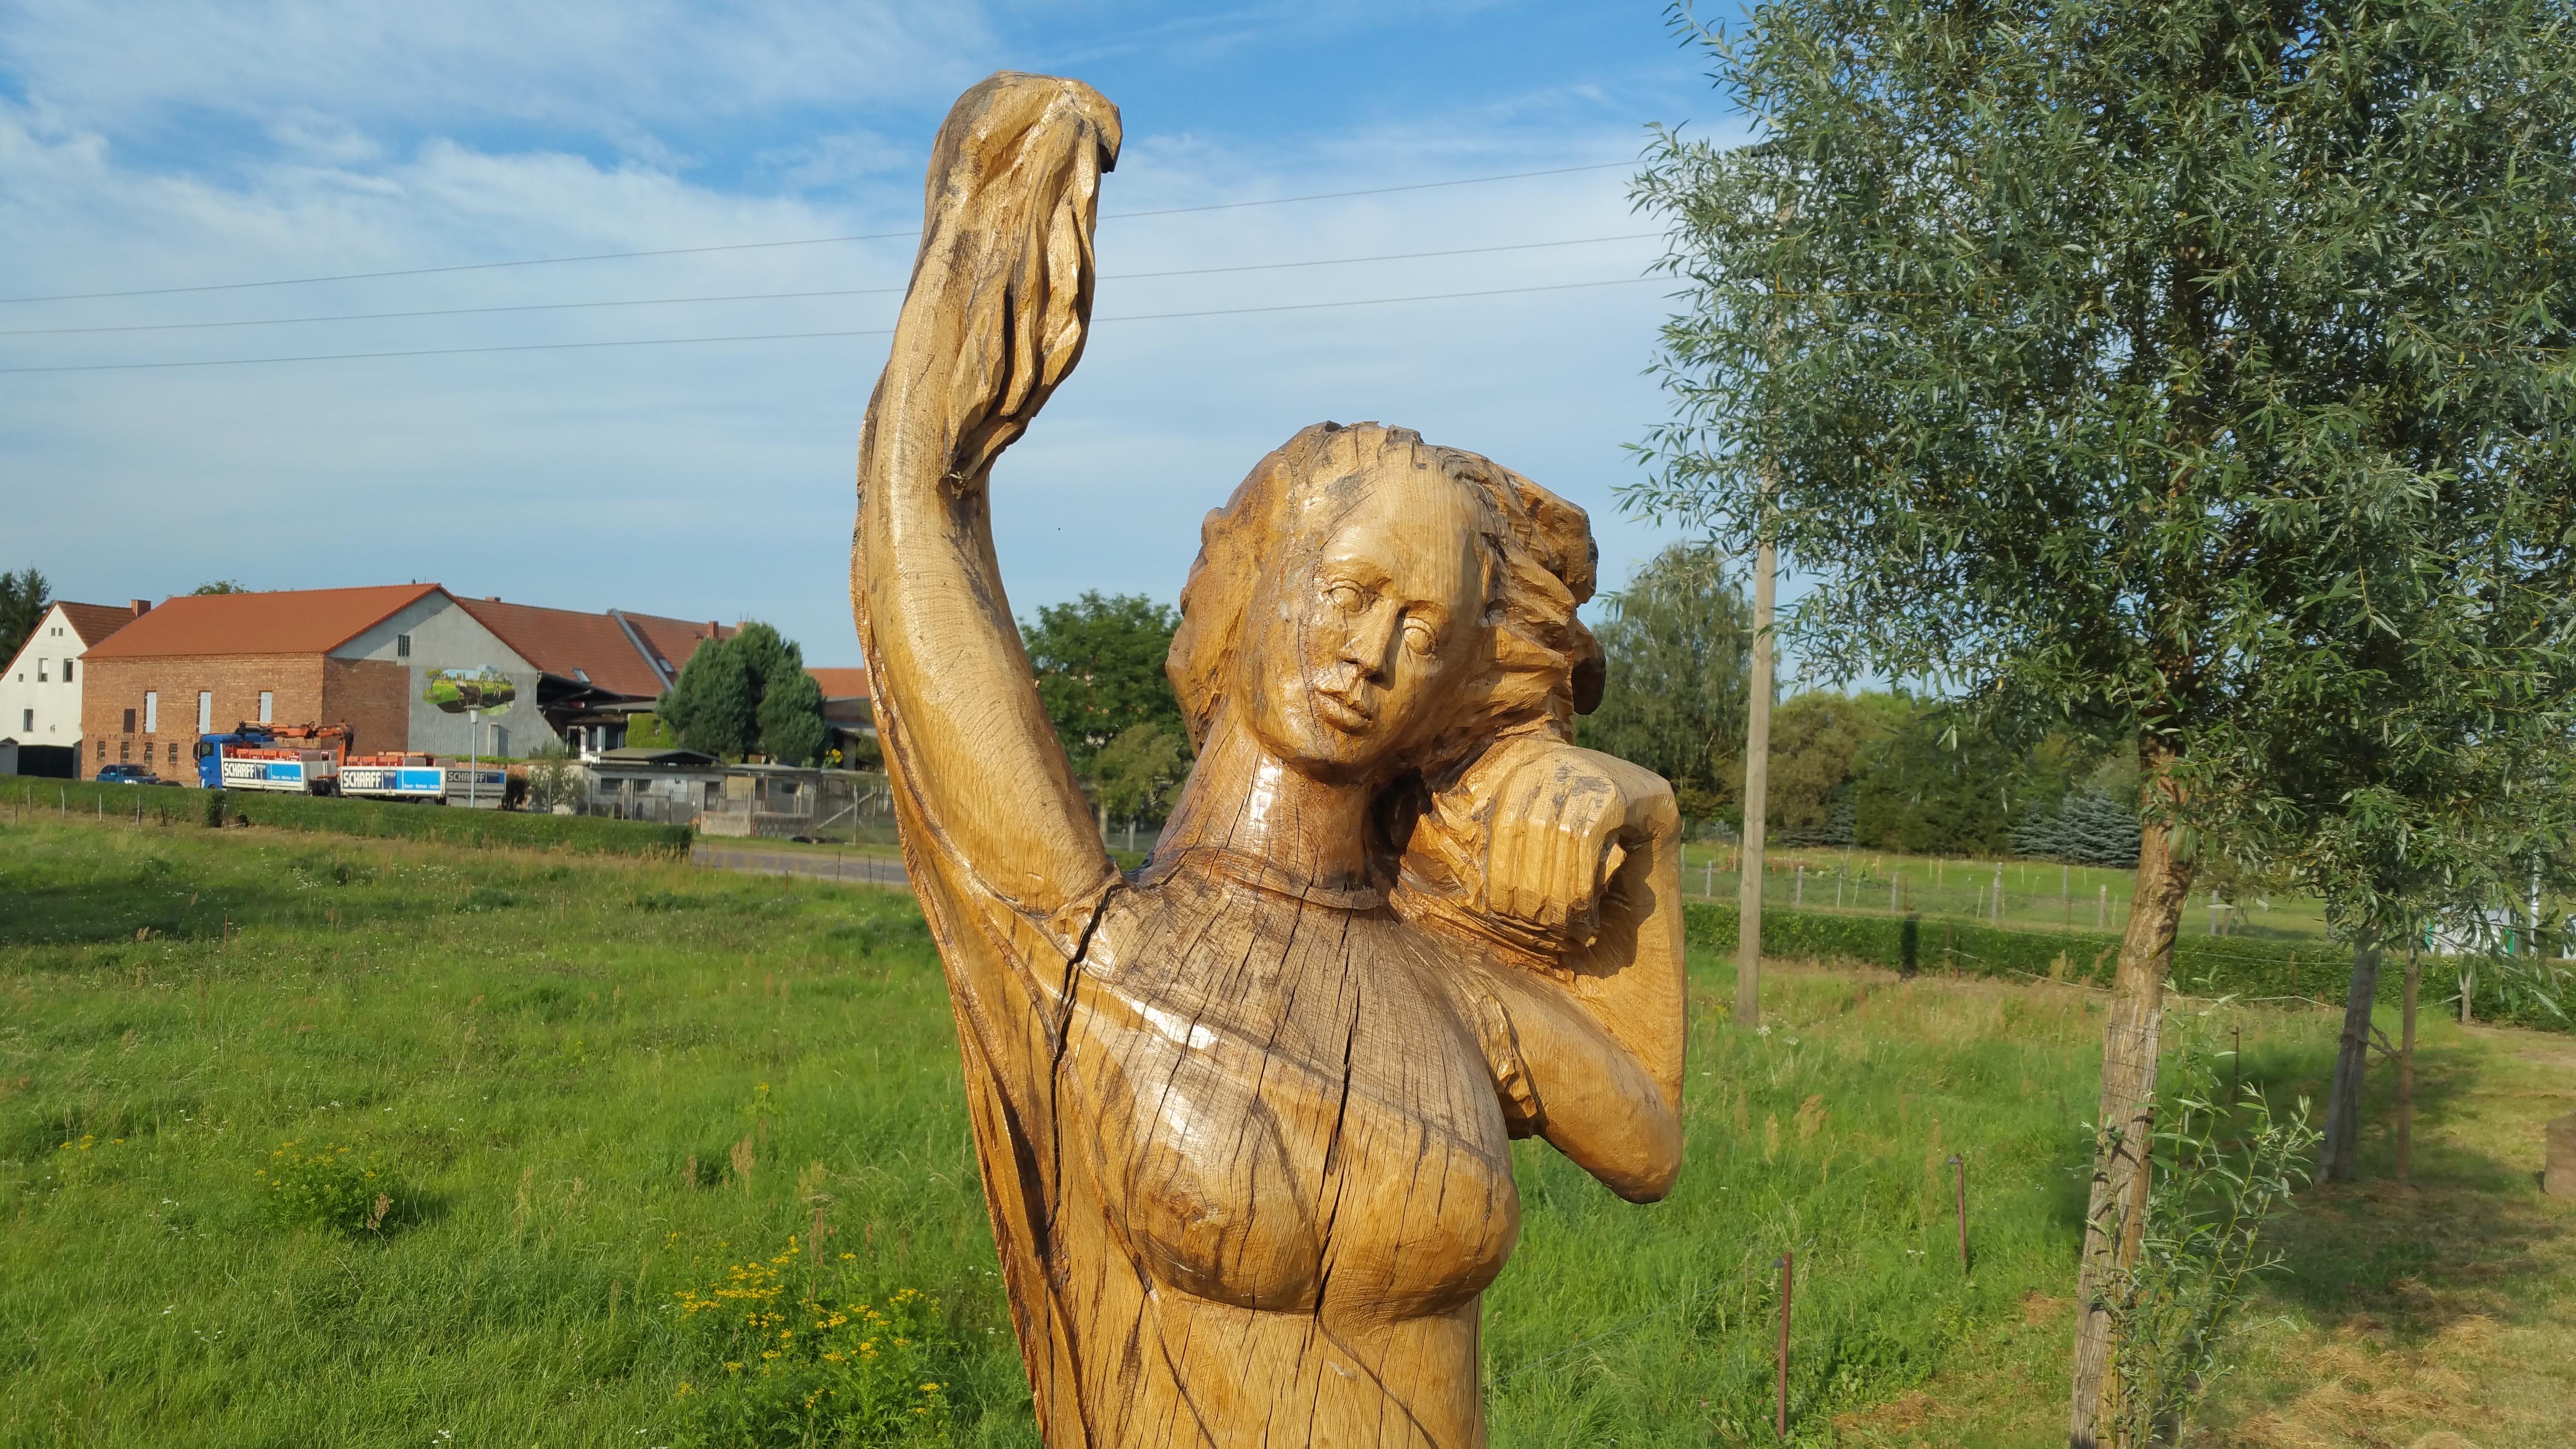 Holzfigur bei Lostau